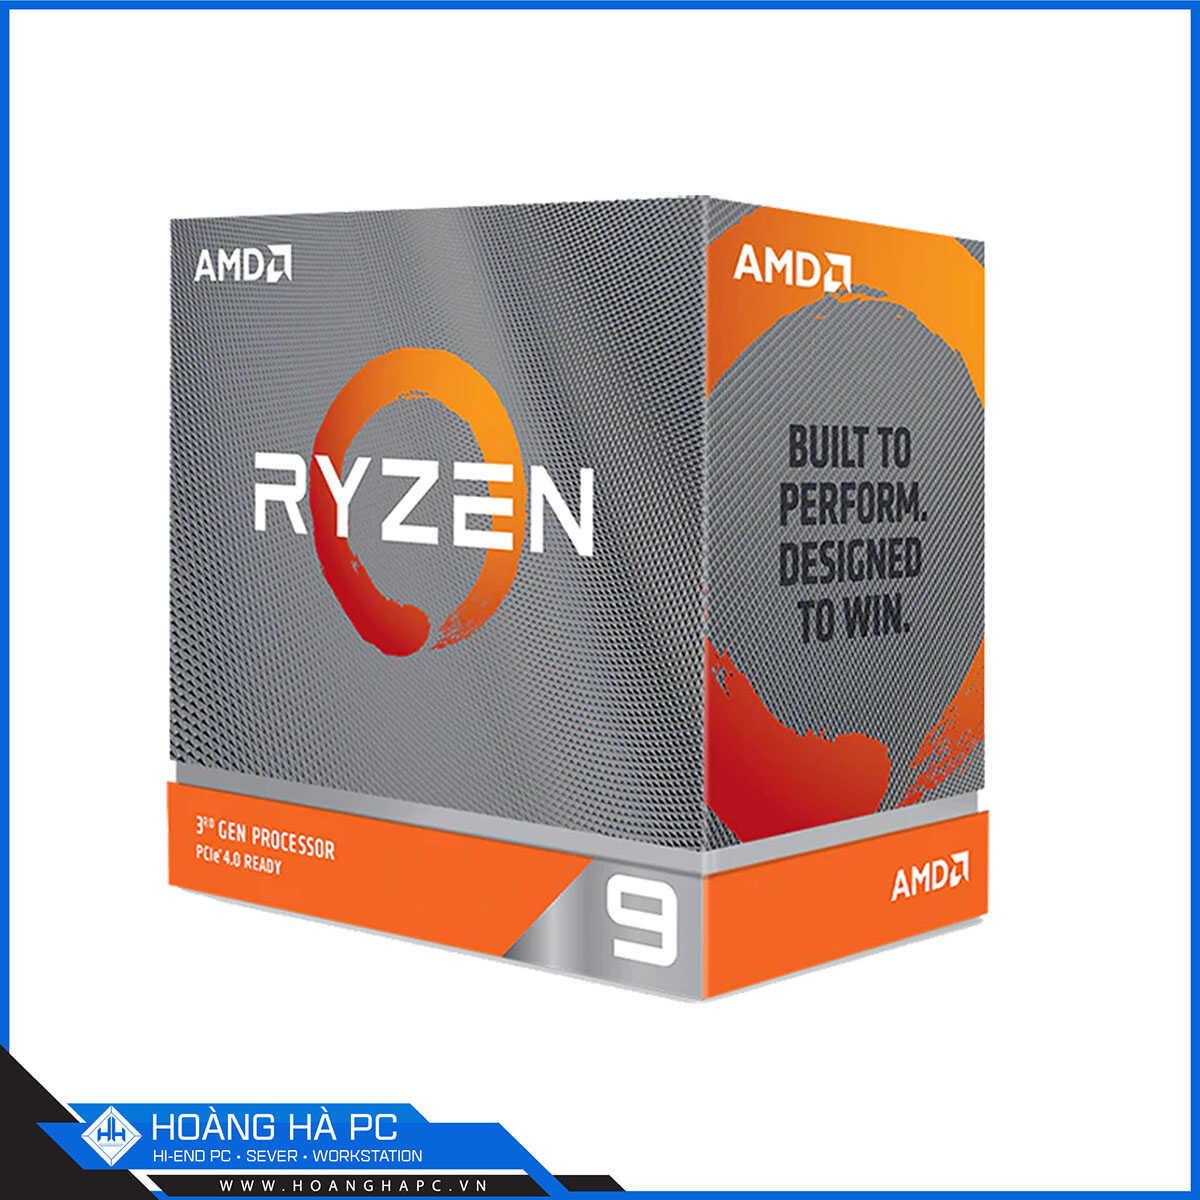 CPU AMD Ryzen 9 3900XT